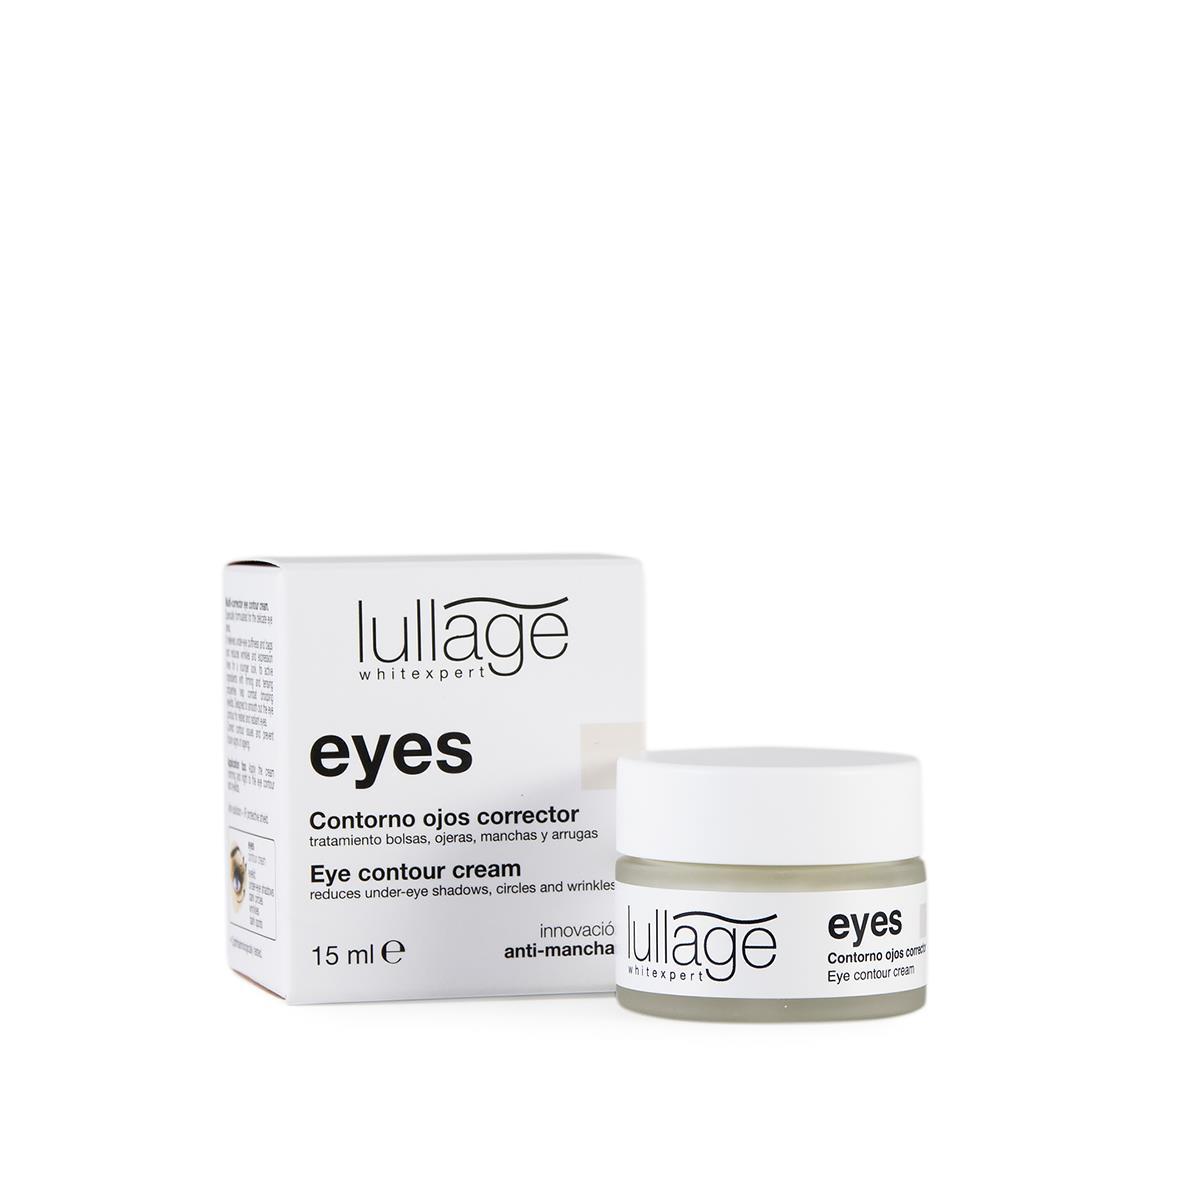 Eyes Contorno Ojos Corrector 15Ml